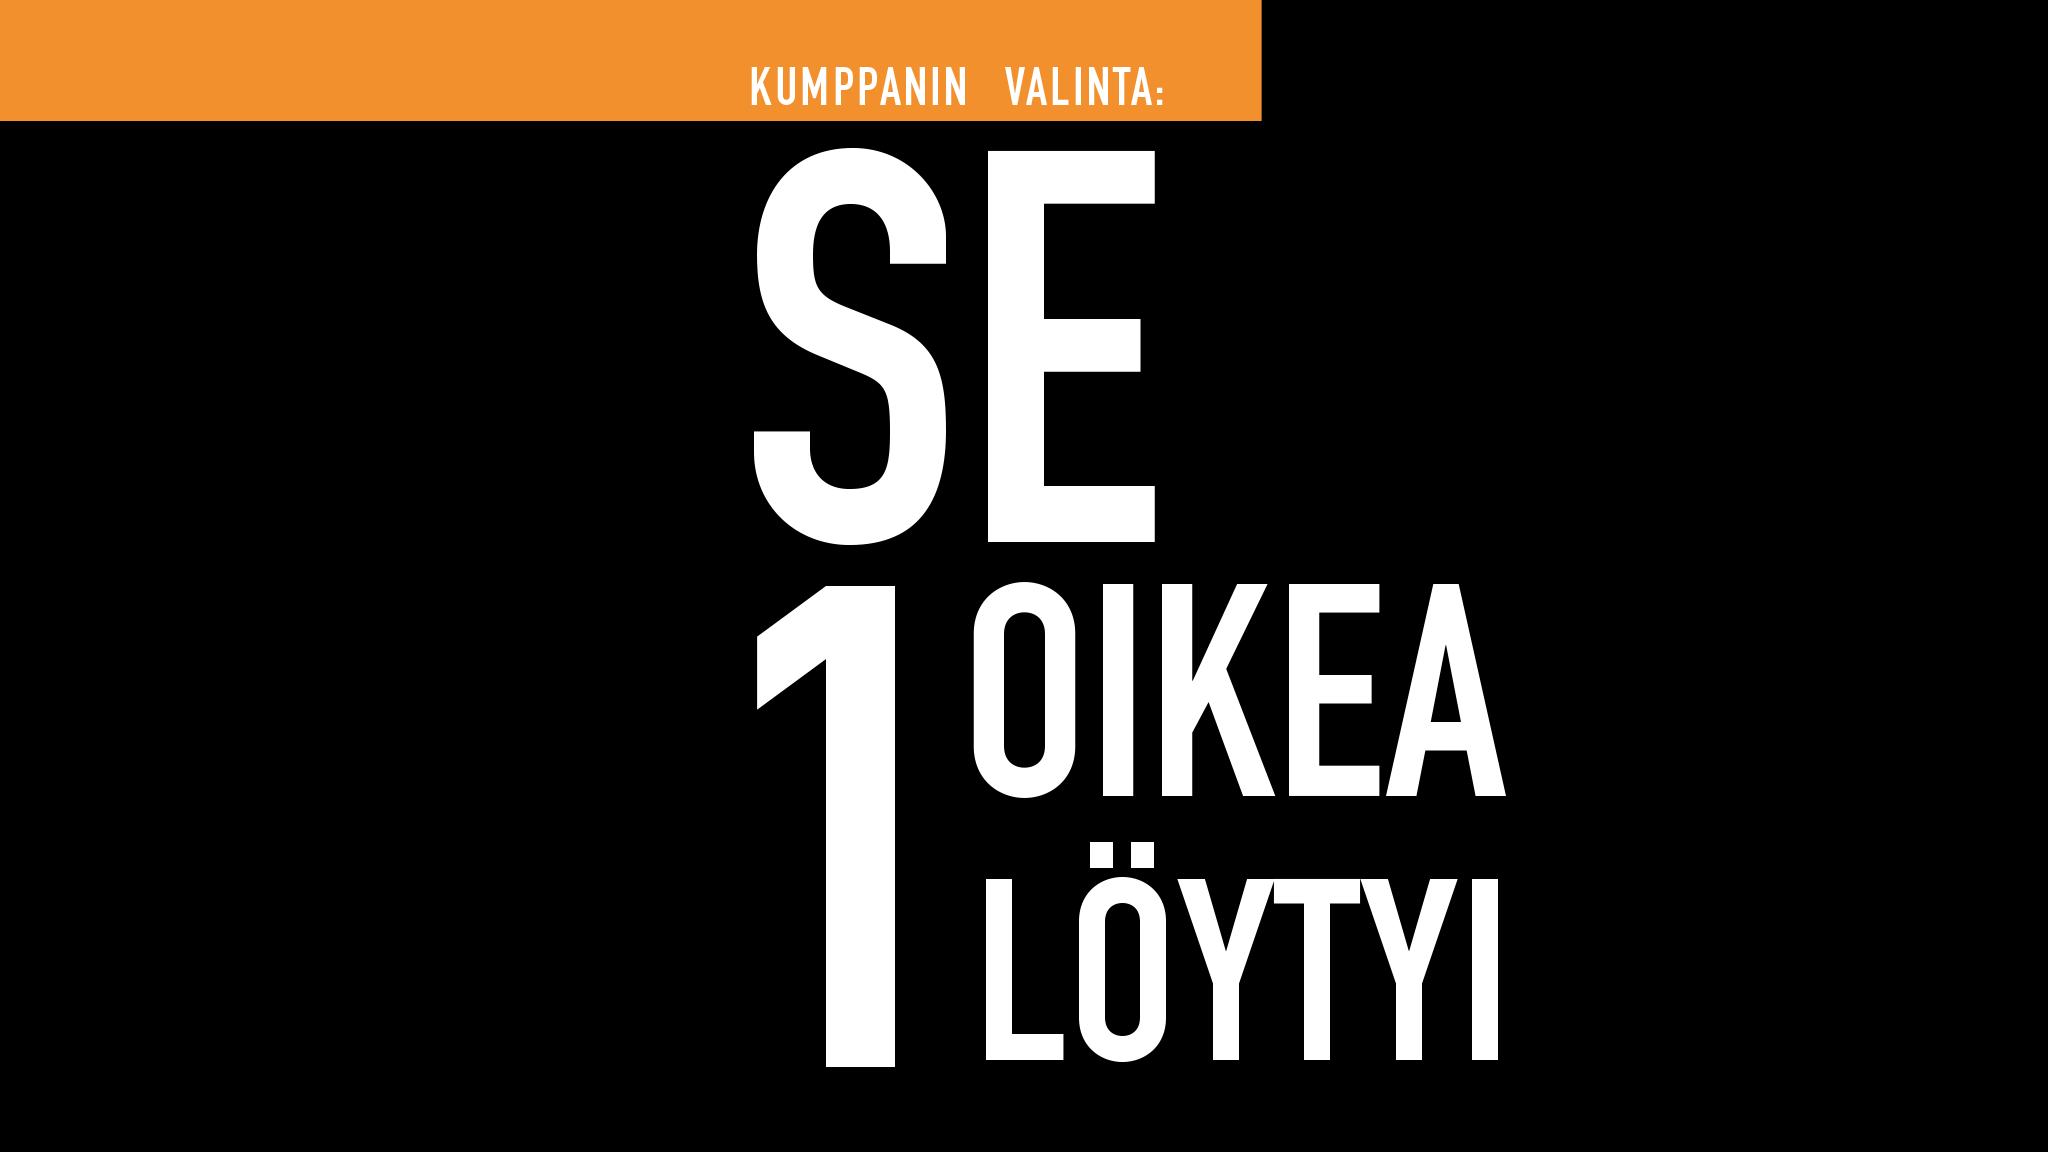 Kuvassa teksti: Kumppanin valinta: SE 1 OIKEA LÖYTYI